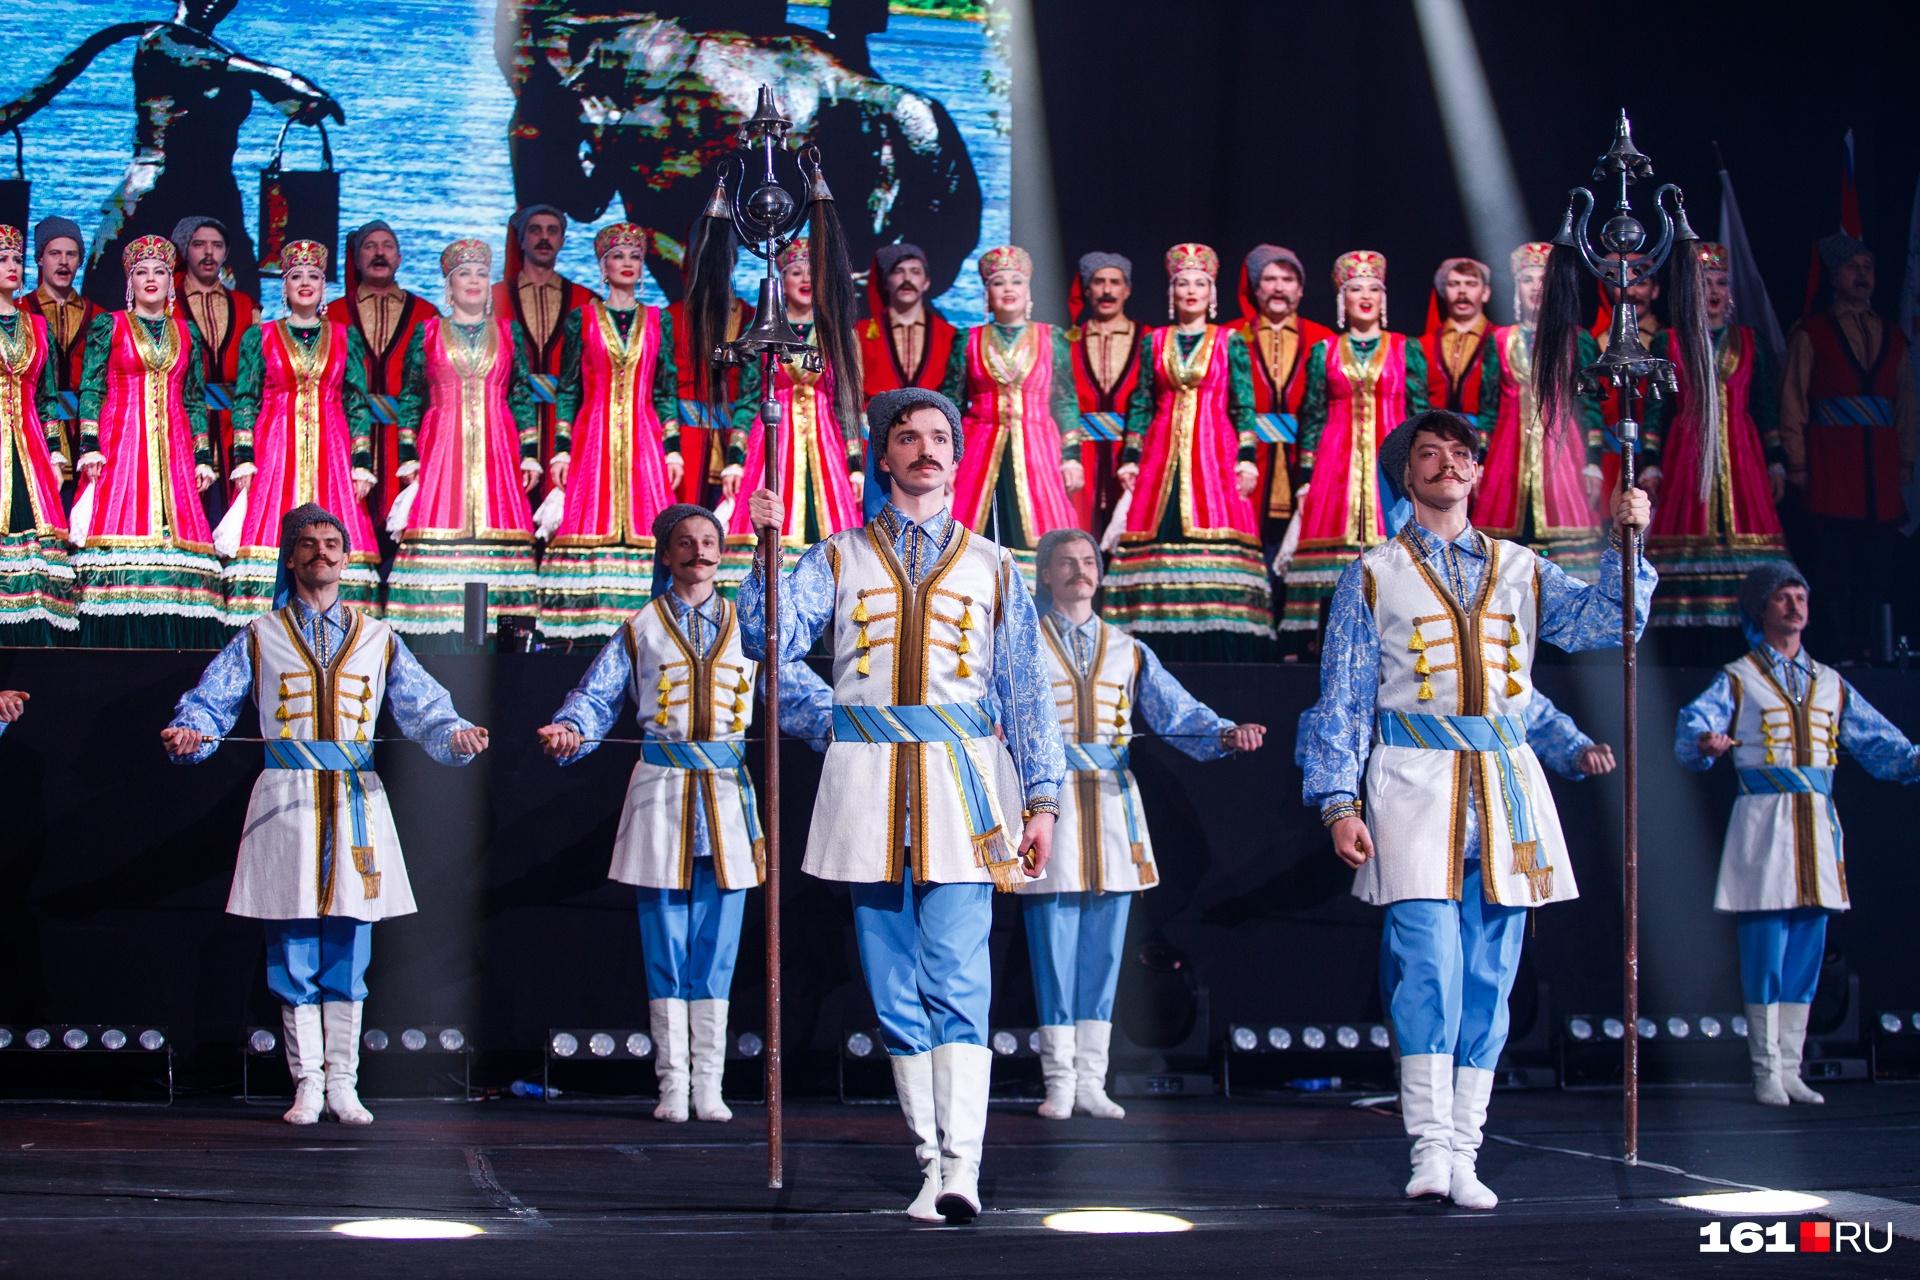 Церемония открытия соревнований. Без выступления казаков — никуда